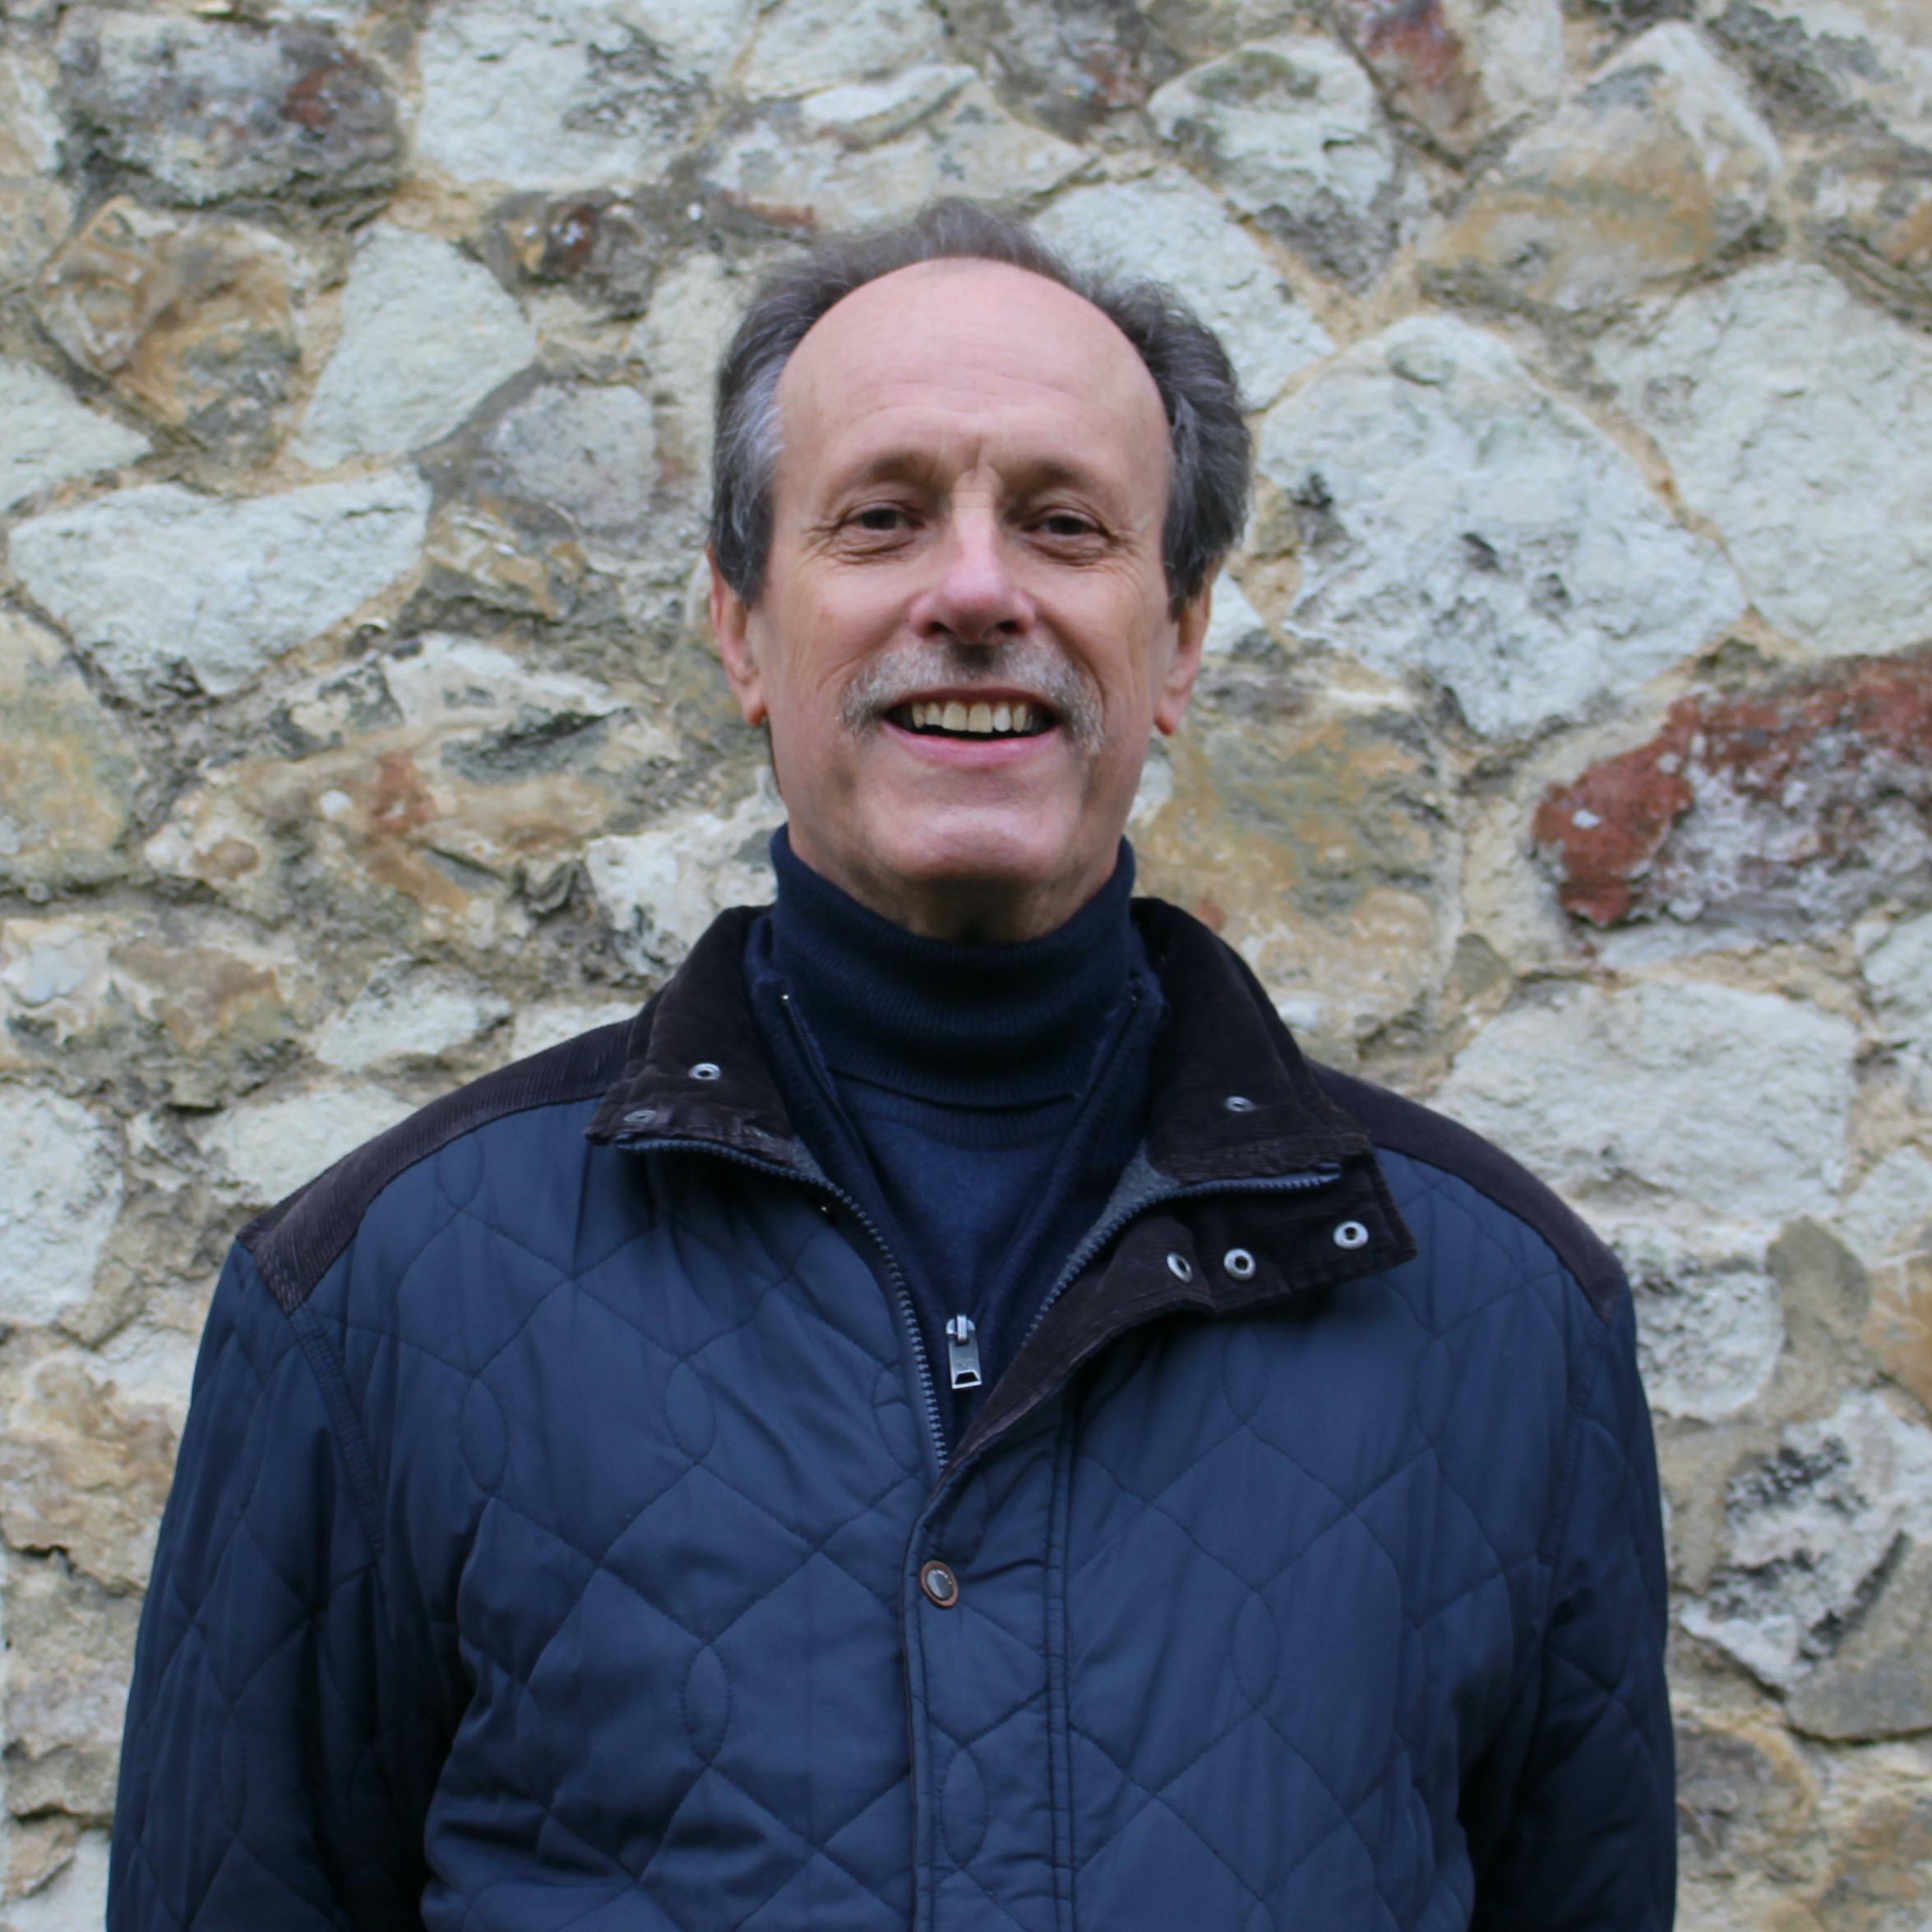 Brian Martin